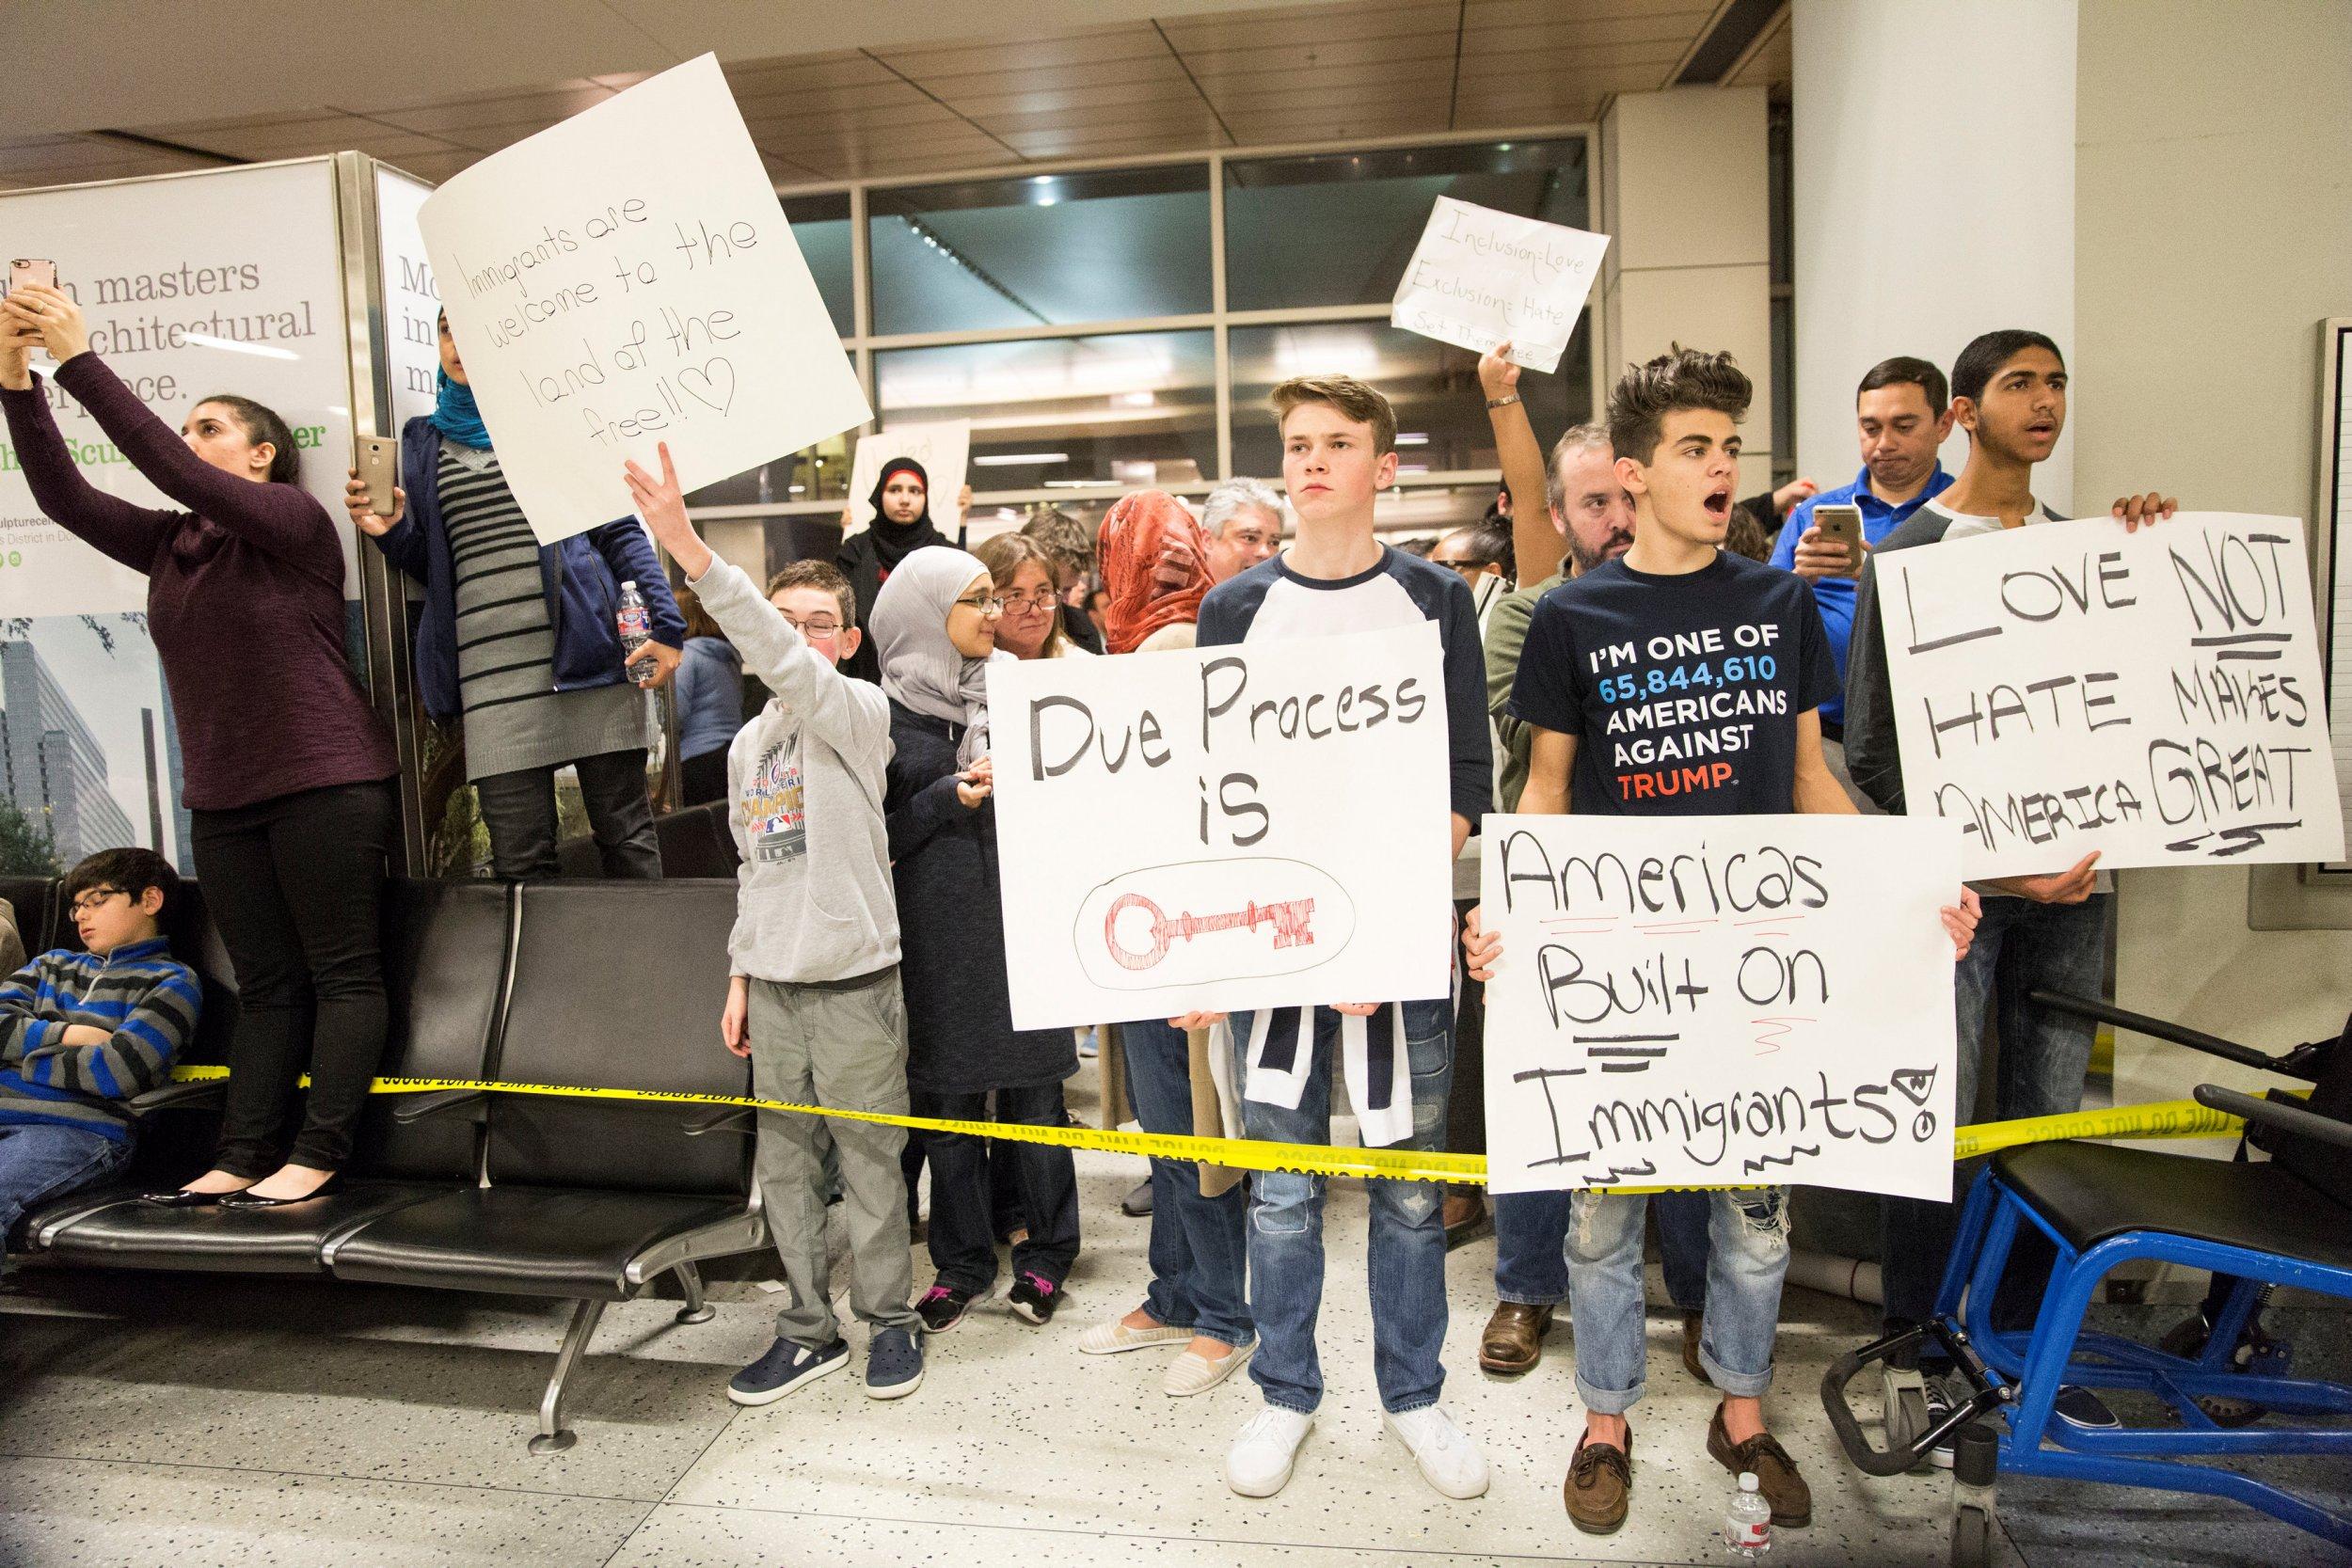 Muslim_Ban_AirportProtests_0128